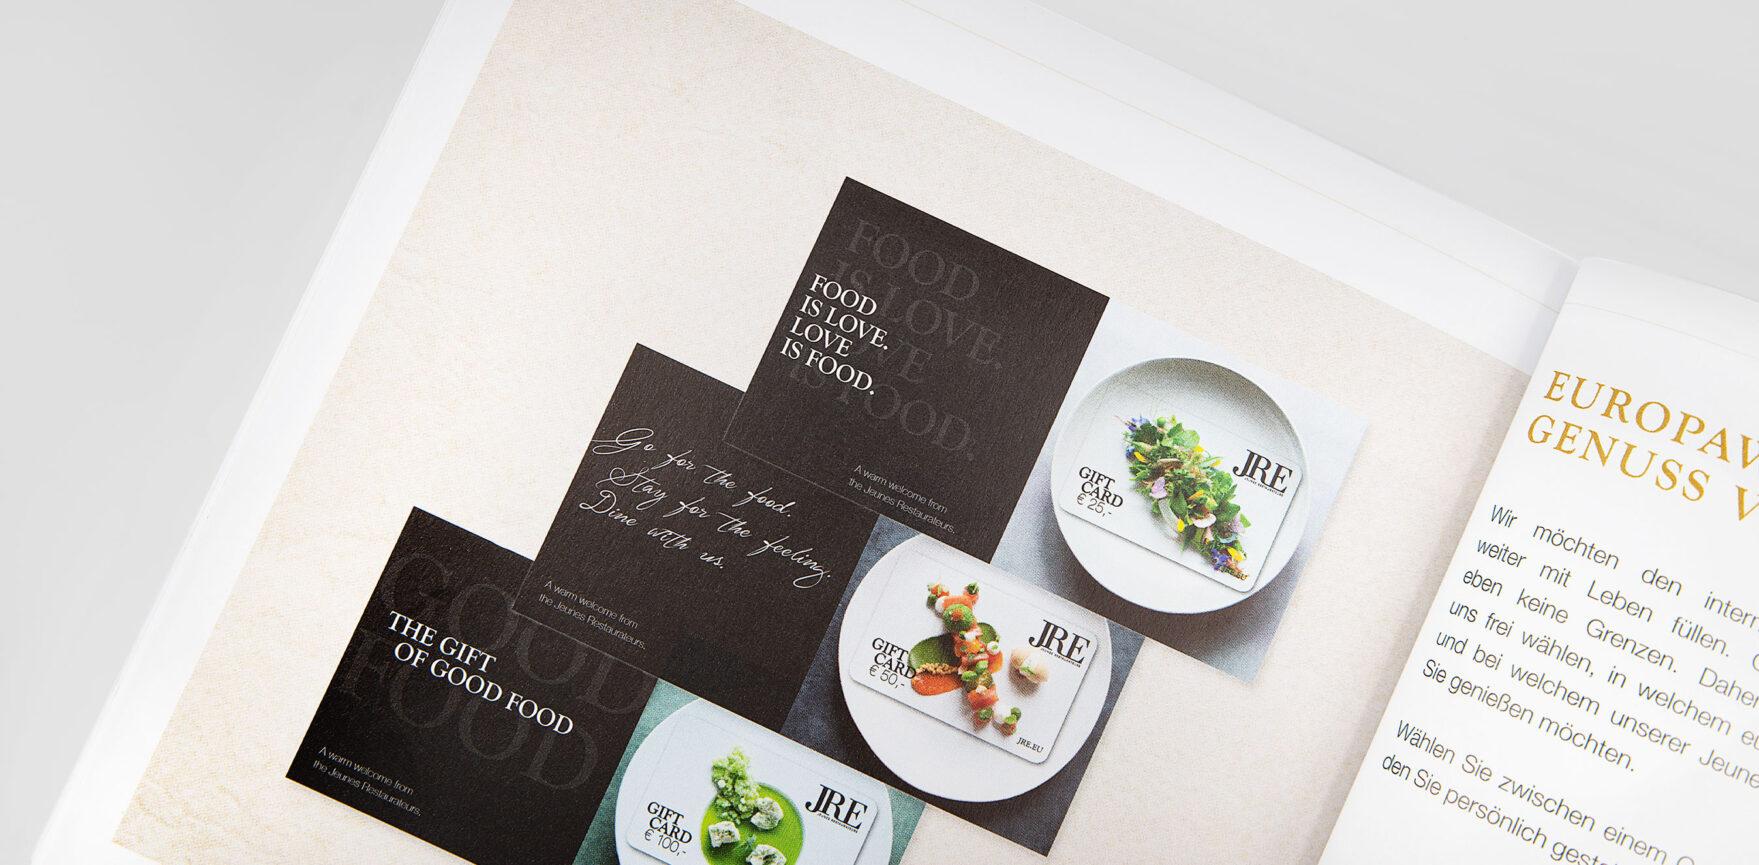 JRE Hotel- und Restaurantführer 2021 Cover Gift Cards